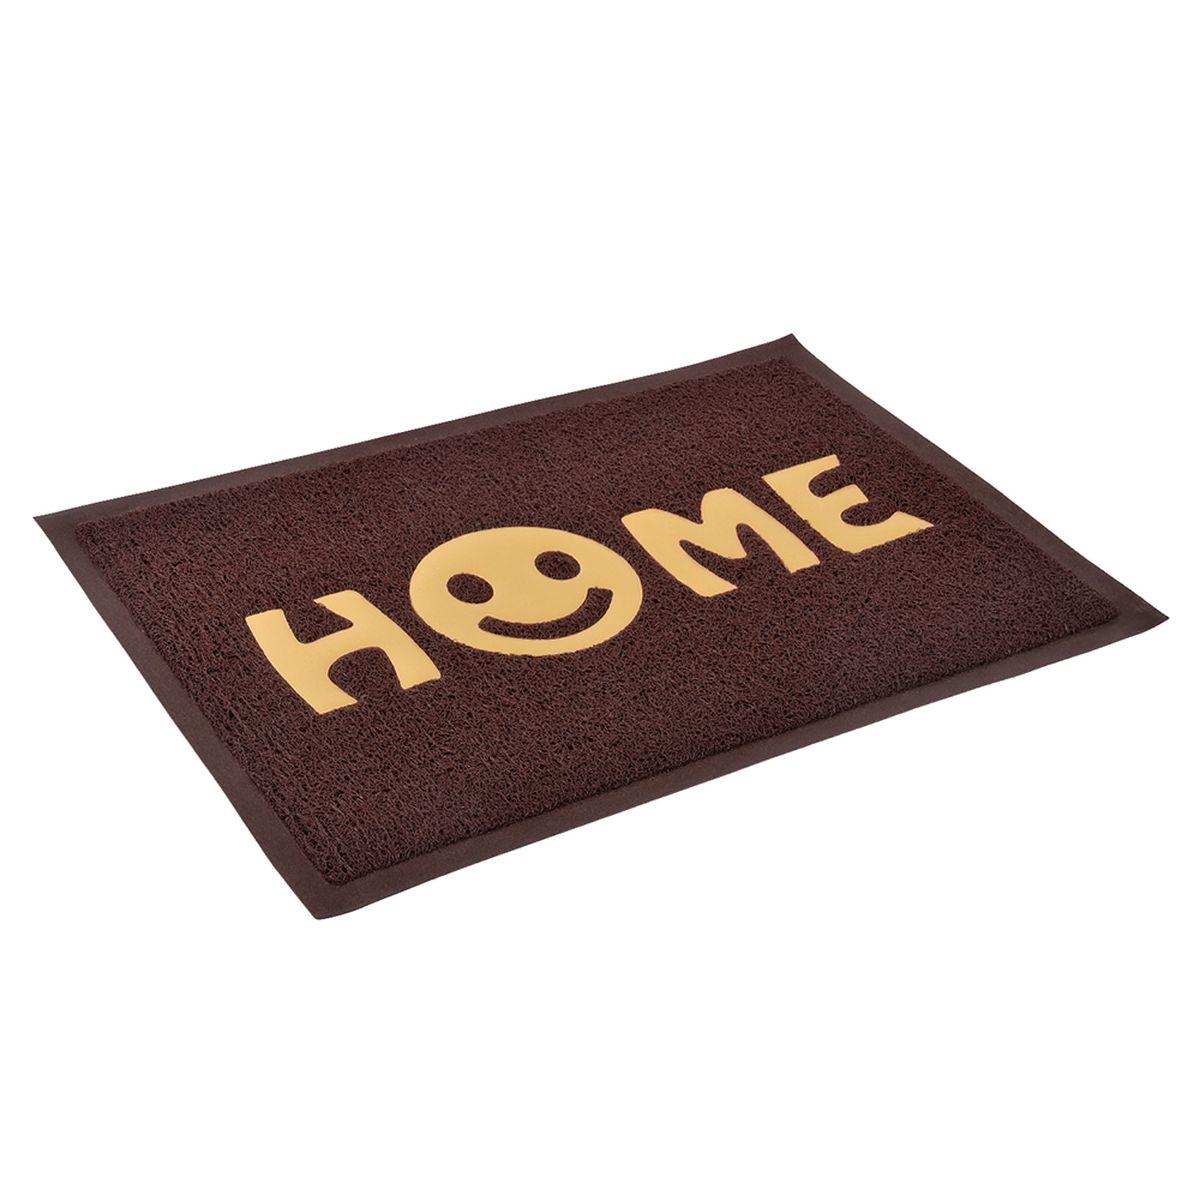 Коврик придверный Vortex Home, пористый, 40 х 60 смU210DFВорс коврика Vortex изготовлен из полимерного материала.Коврик Vortex гармонично впишется в интерьер вашего дома и создаст атмосферу уюта и комфорта. Изделие отлично подойдет как для использования в доме, так и снаружи.